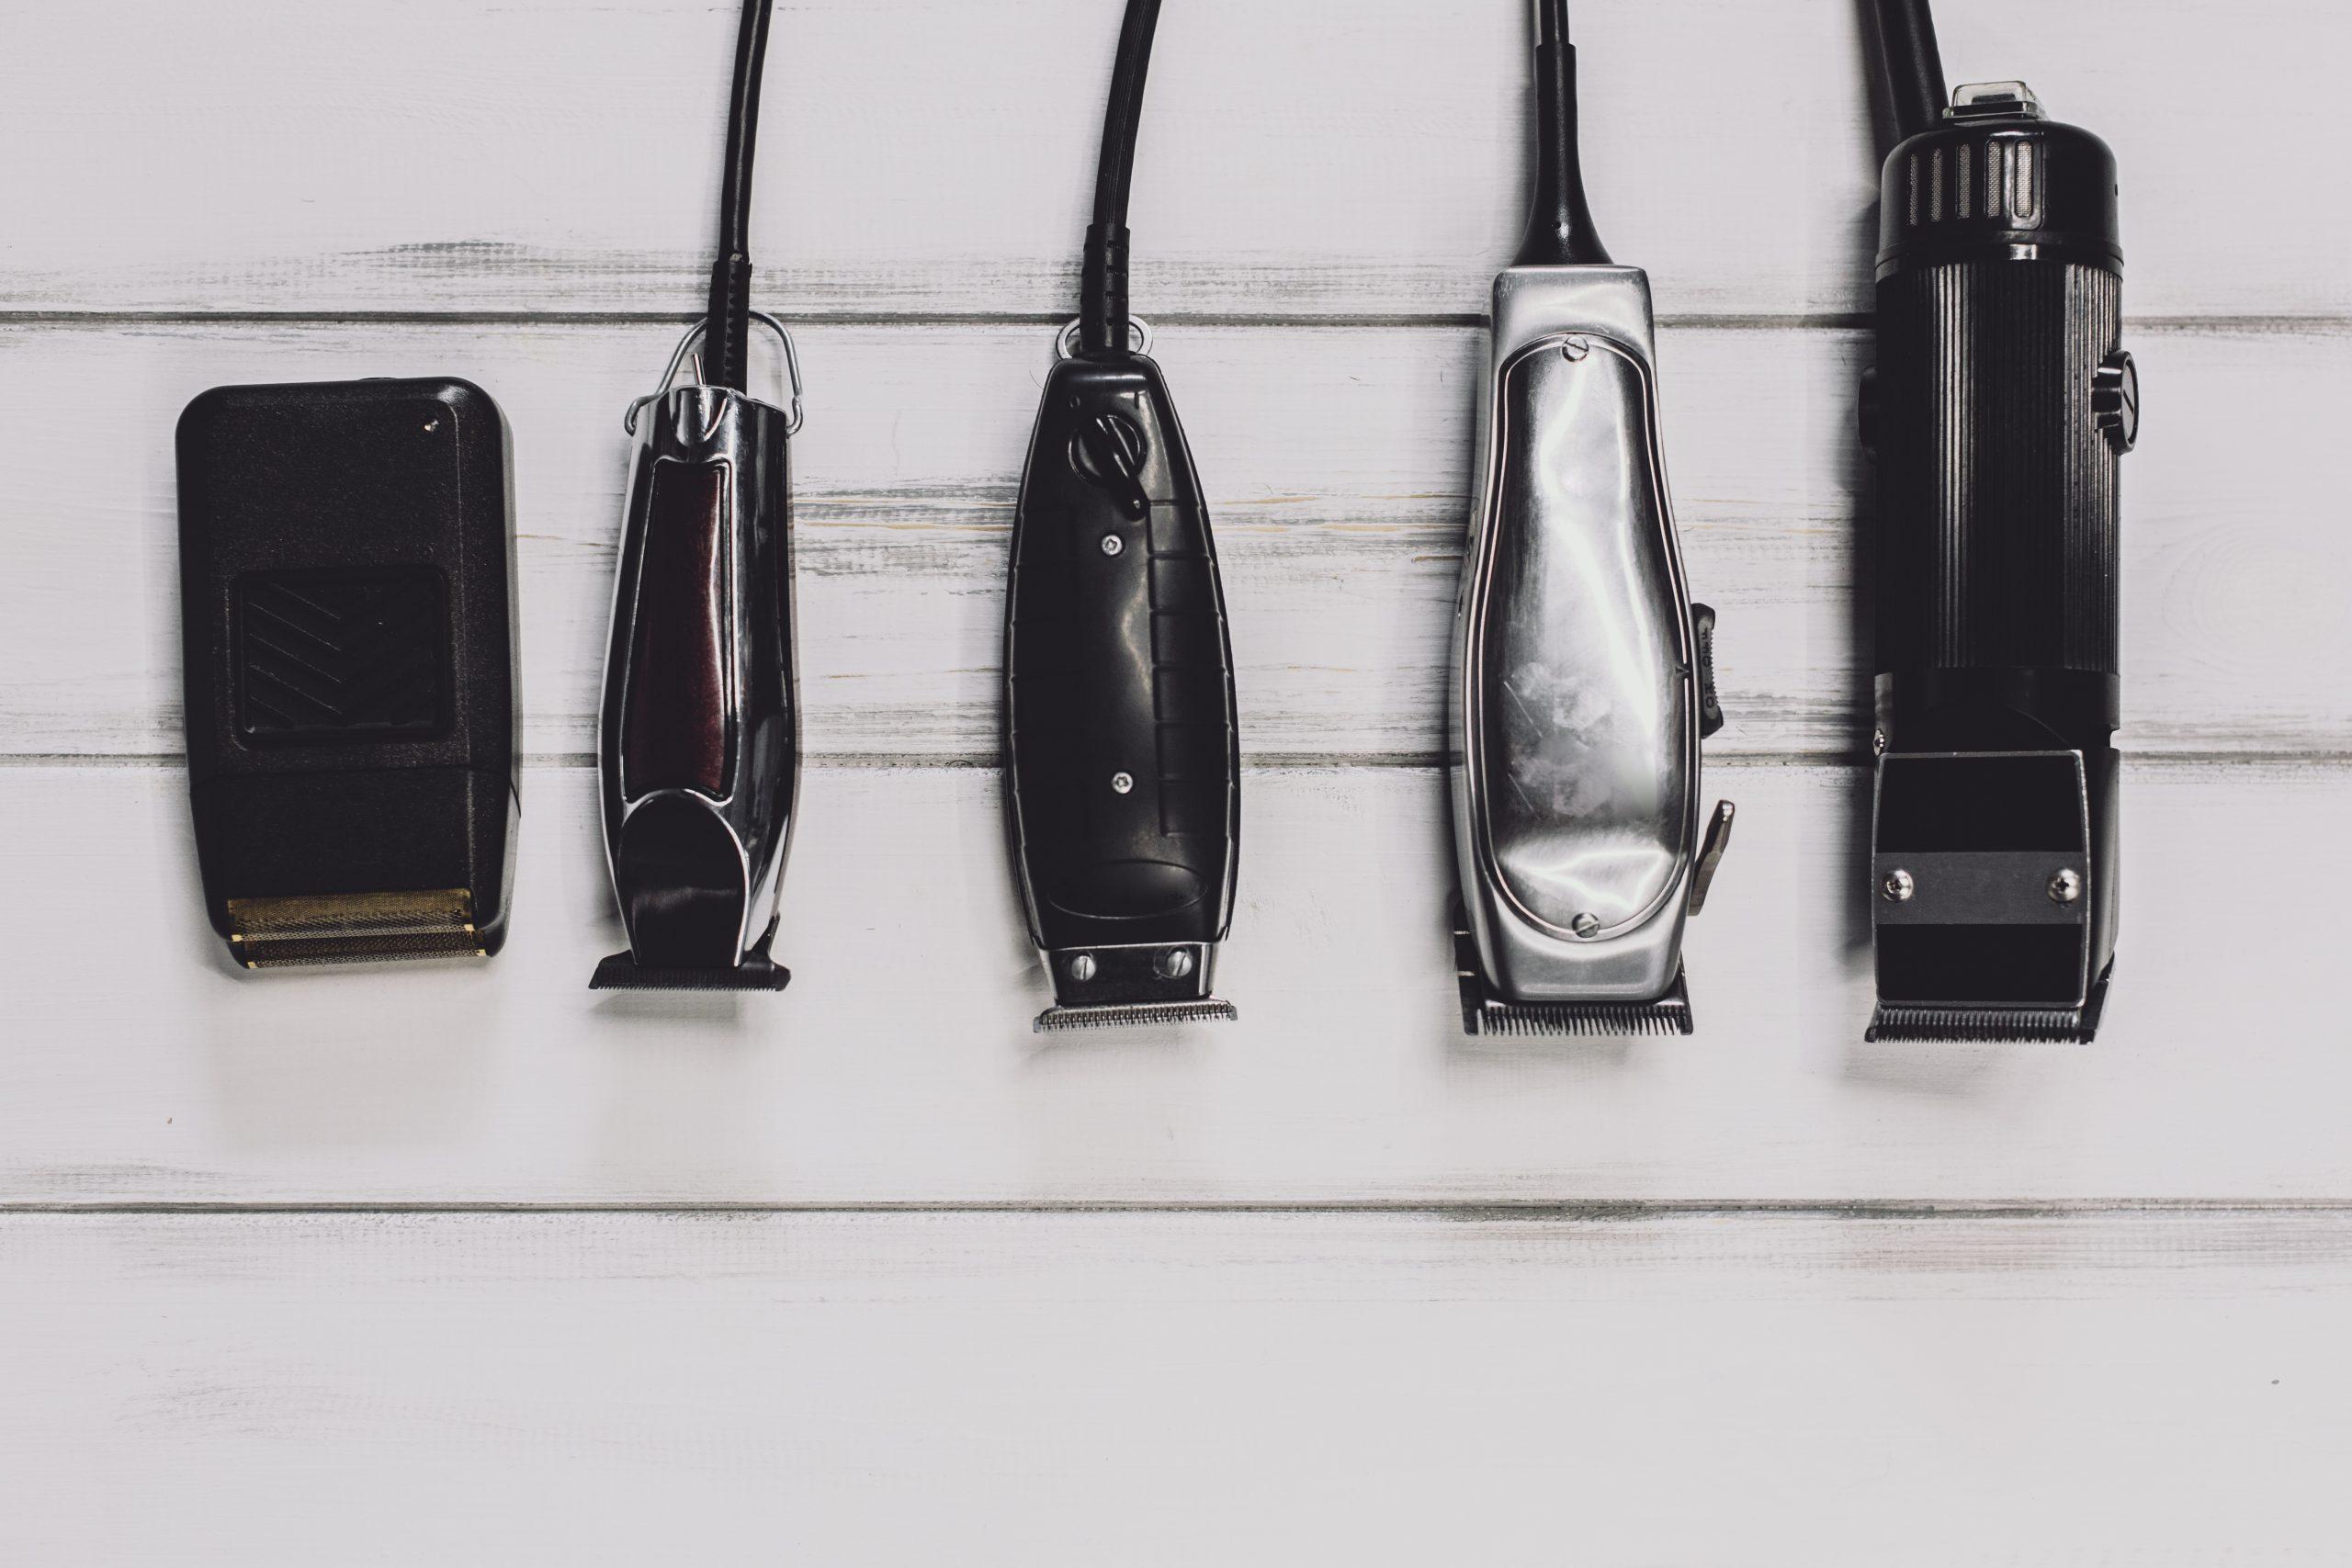 Imagem com diferentes máquinas de barbear